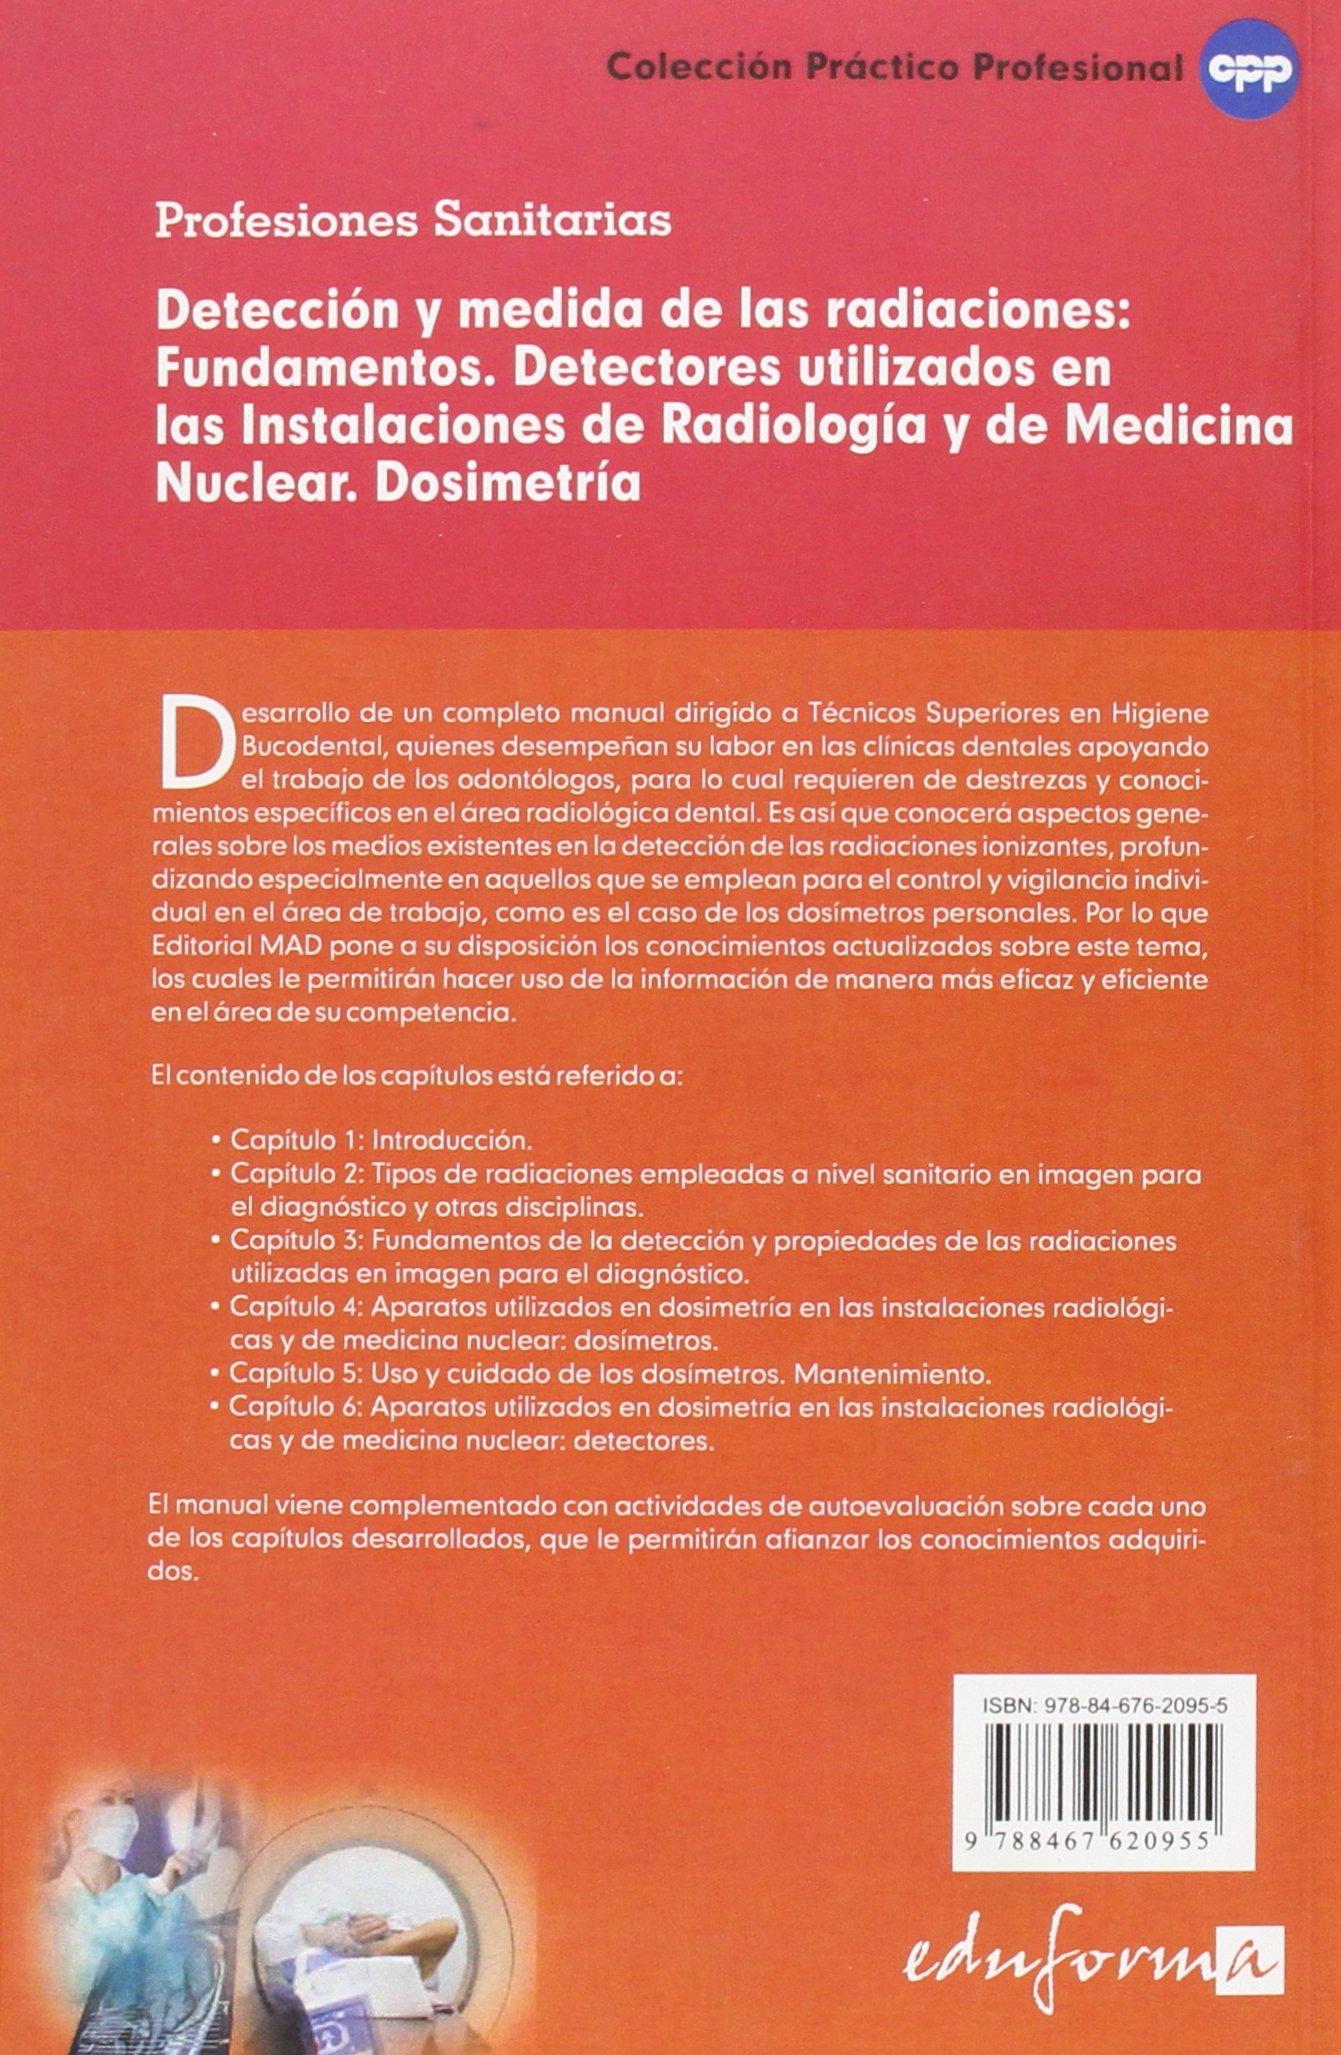 Detección y Medida de las Radiaciones: Fundamentos. Detectores Utilizados en las Instalaciones de Radiología y de Medicina Nuclear.